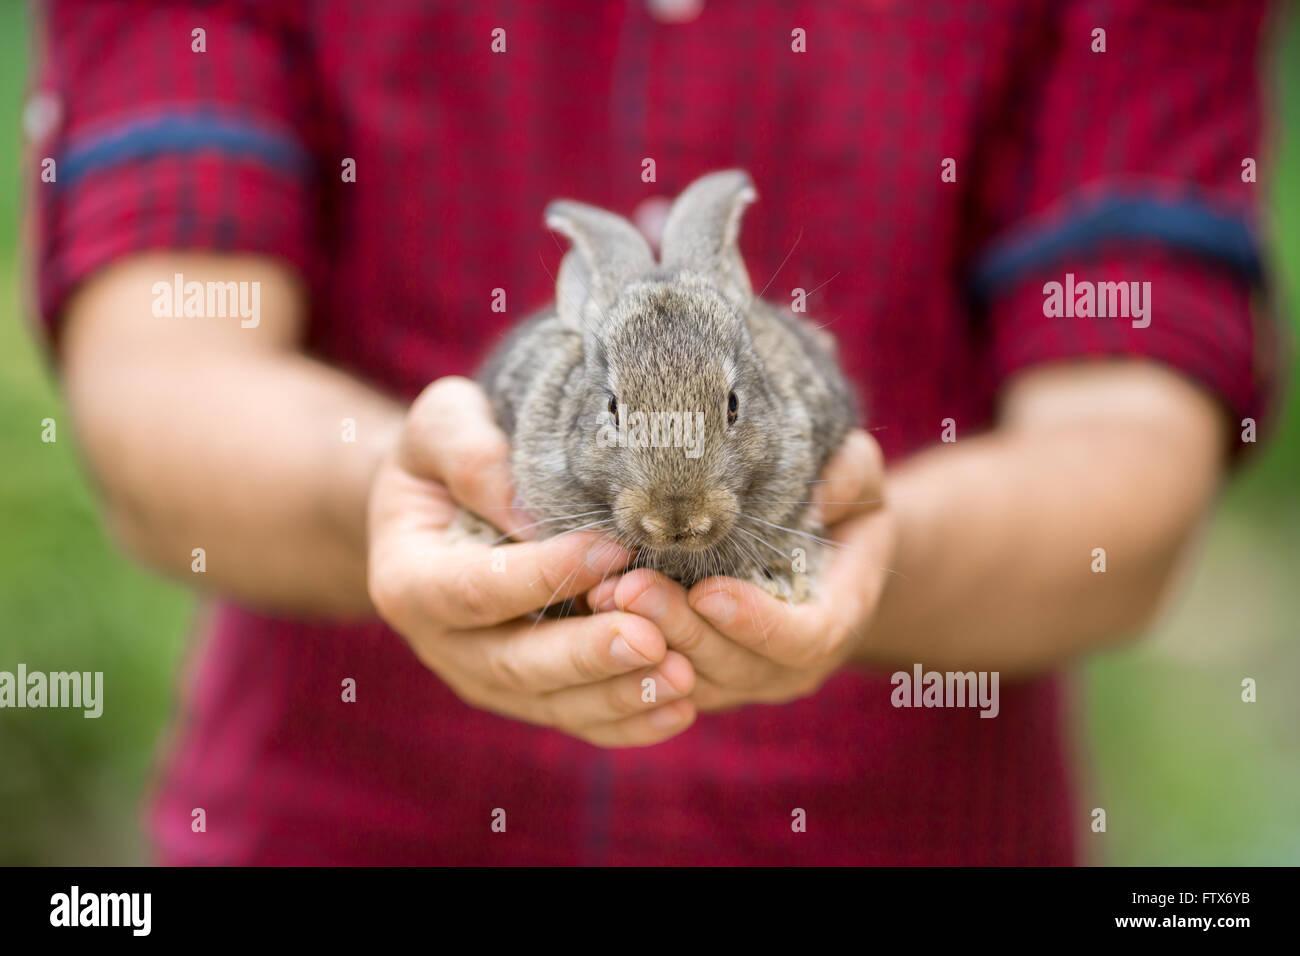 Coniglio. Animali e persone Immagini Stock